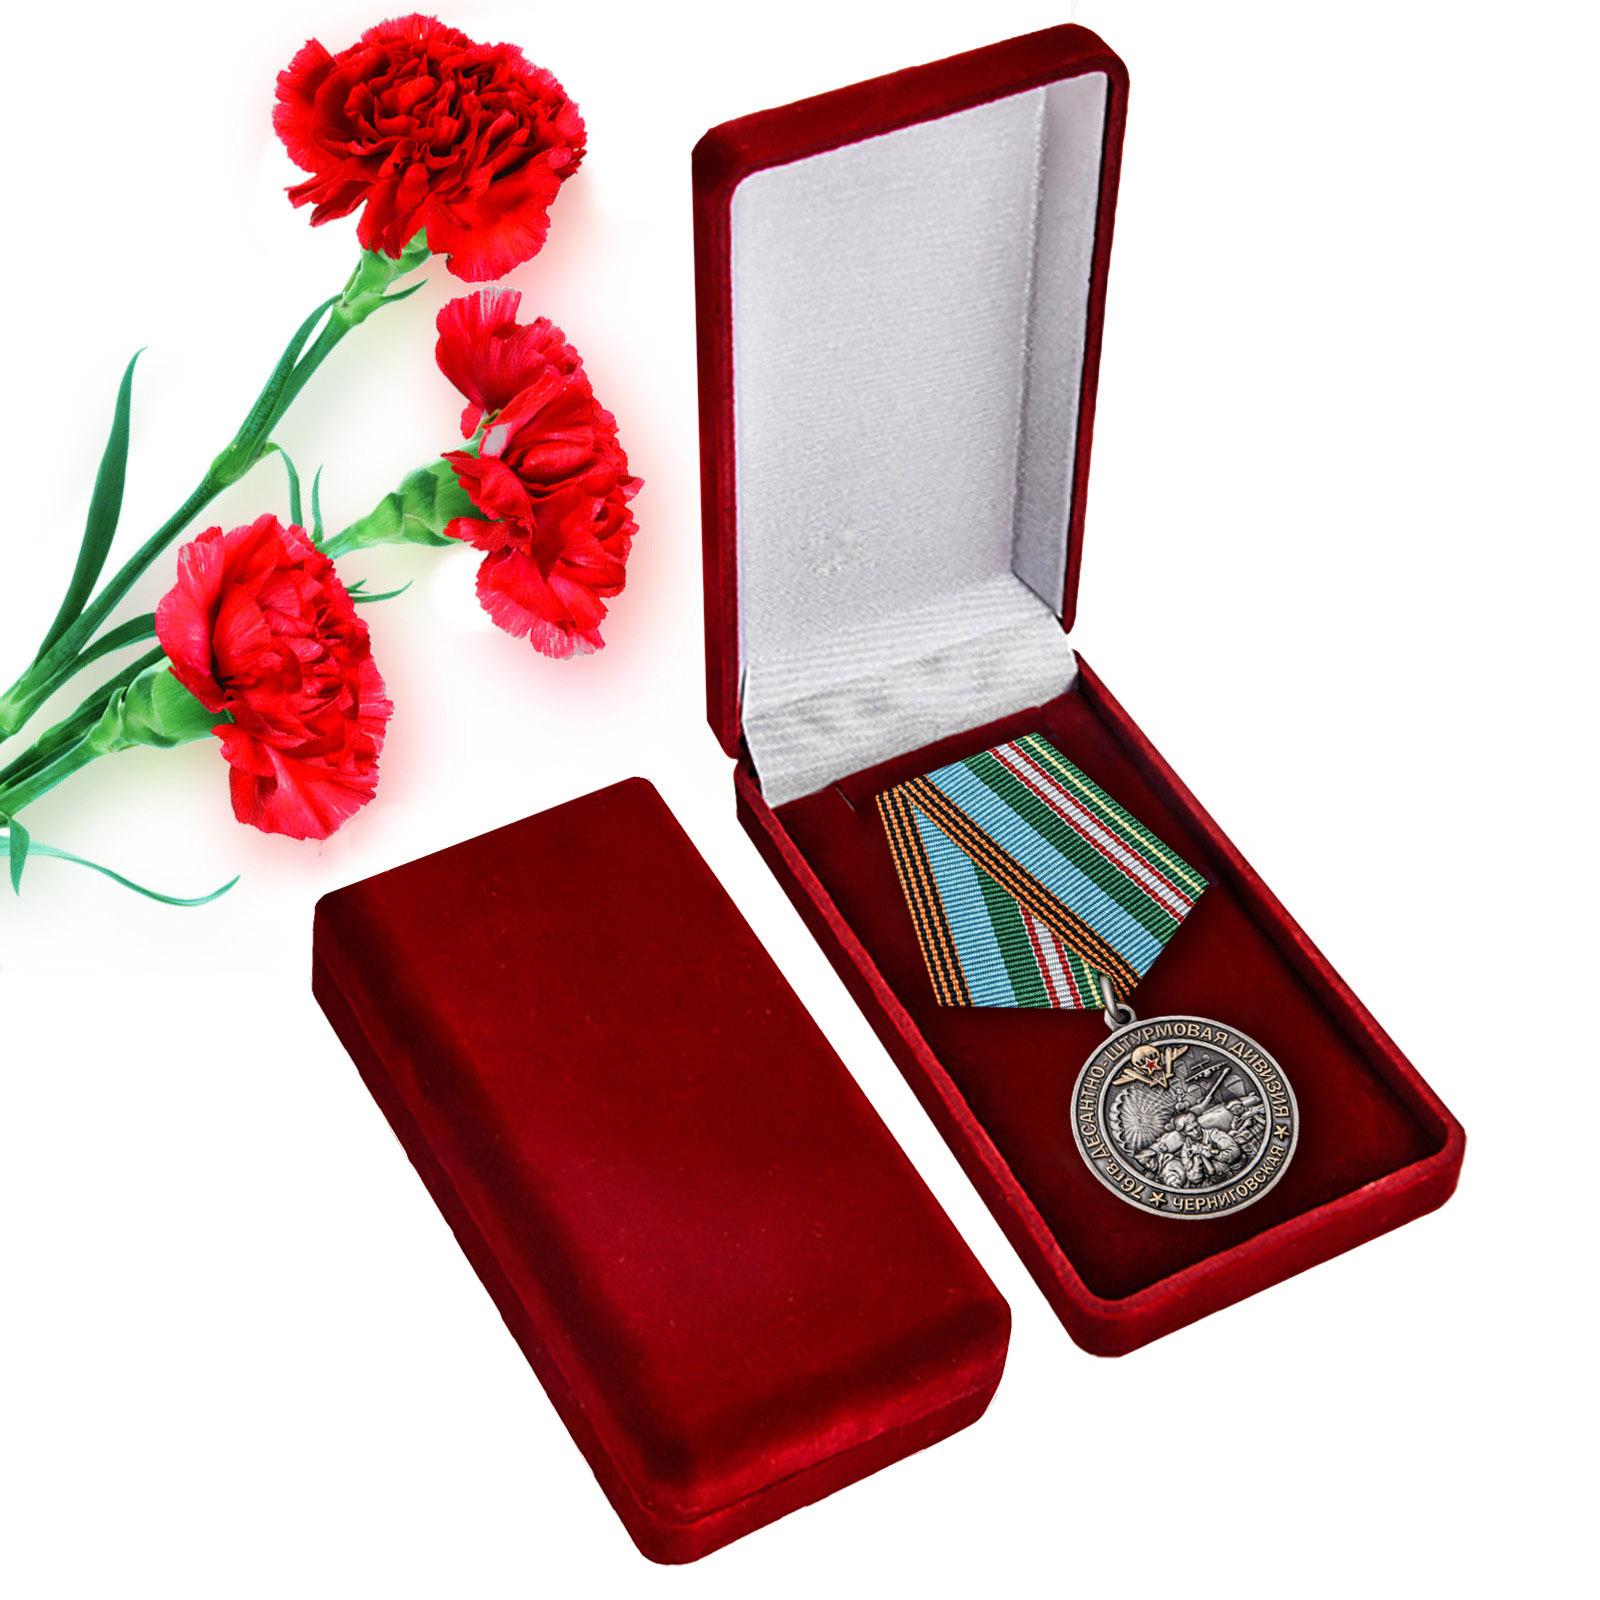 Купить медаль 76-я гв. Десантно-штурмовая дивизия онлайн с доставкой